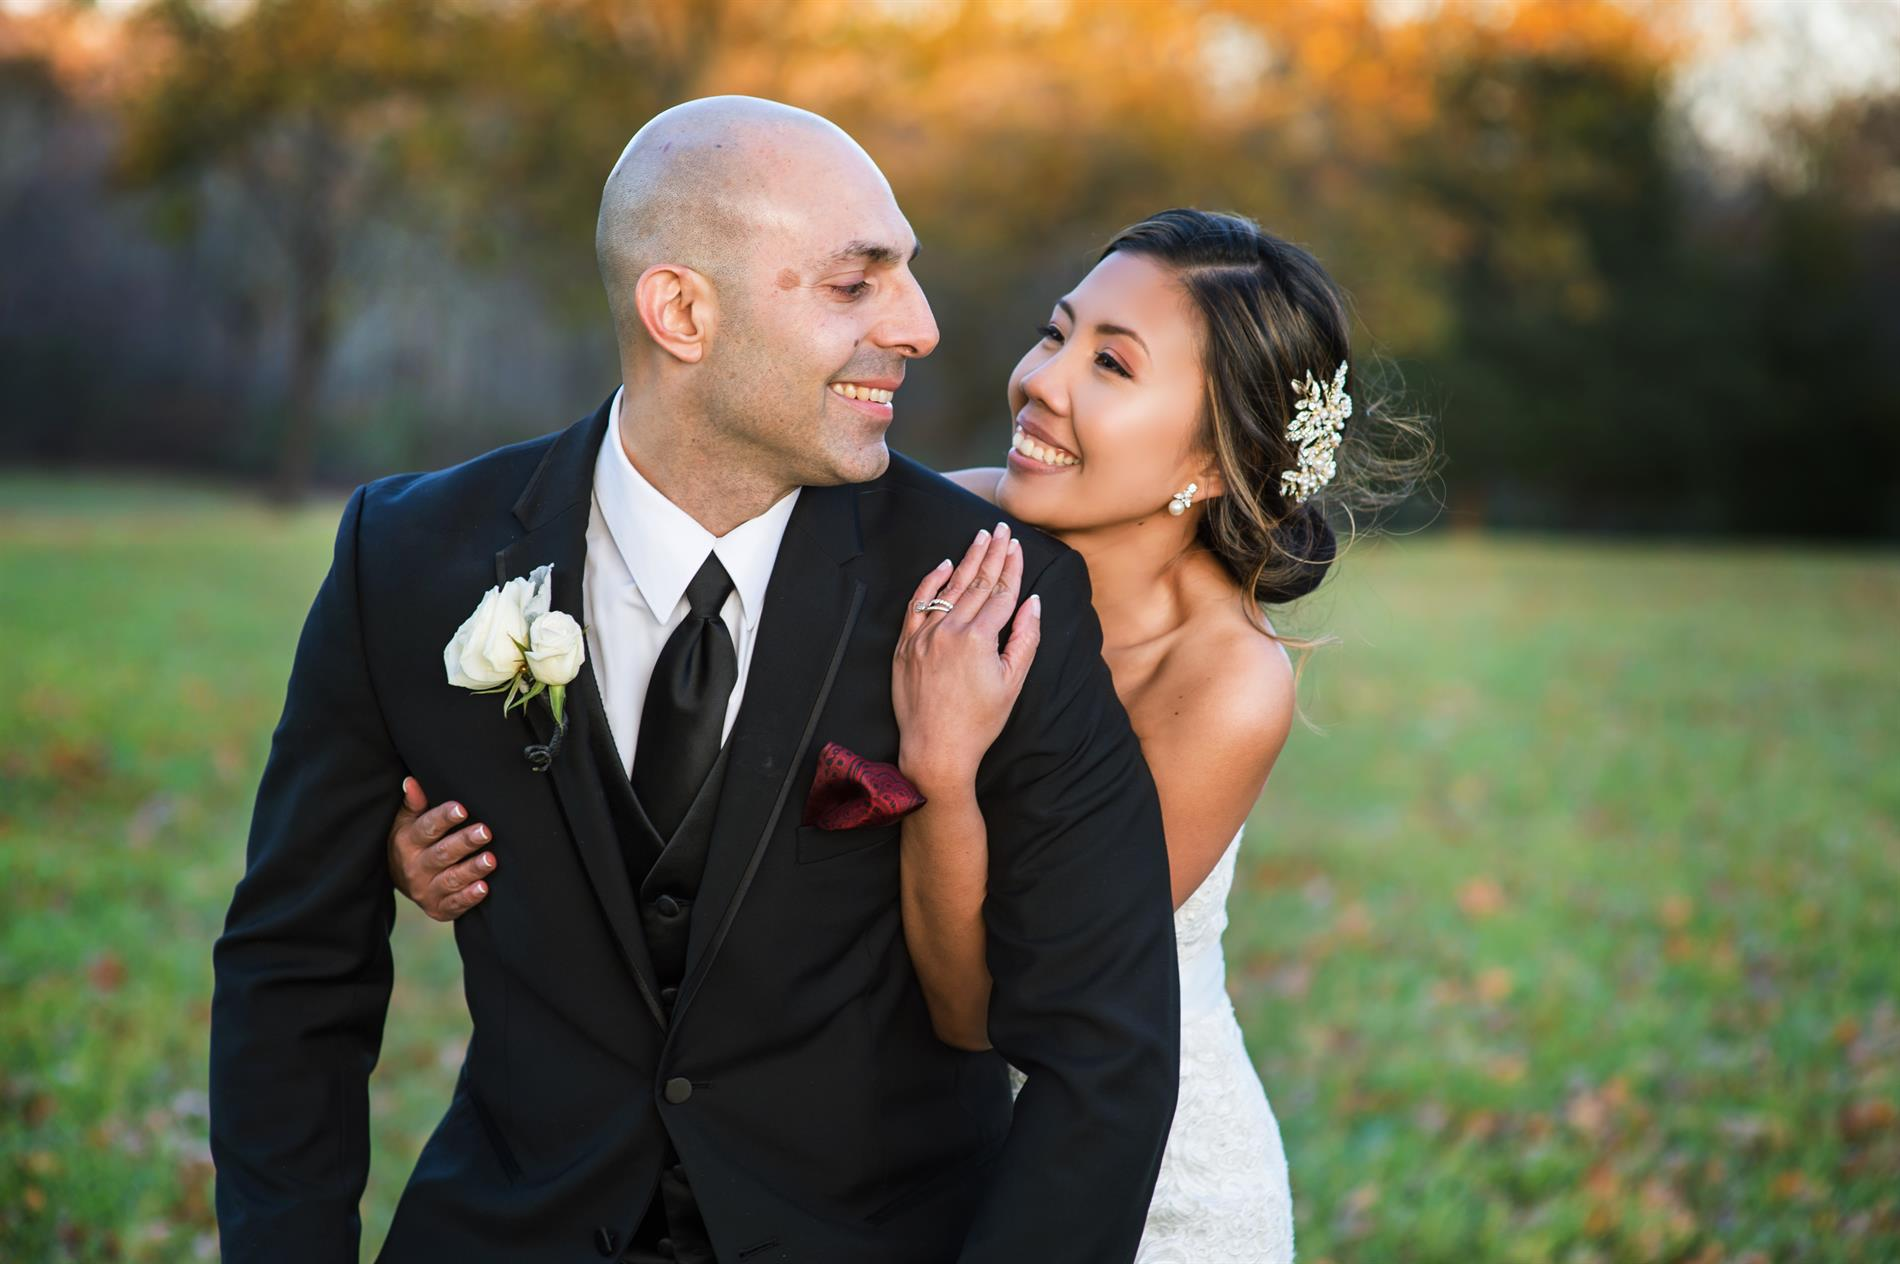 Leah and Frank Wedding Photos